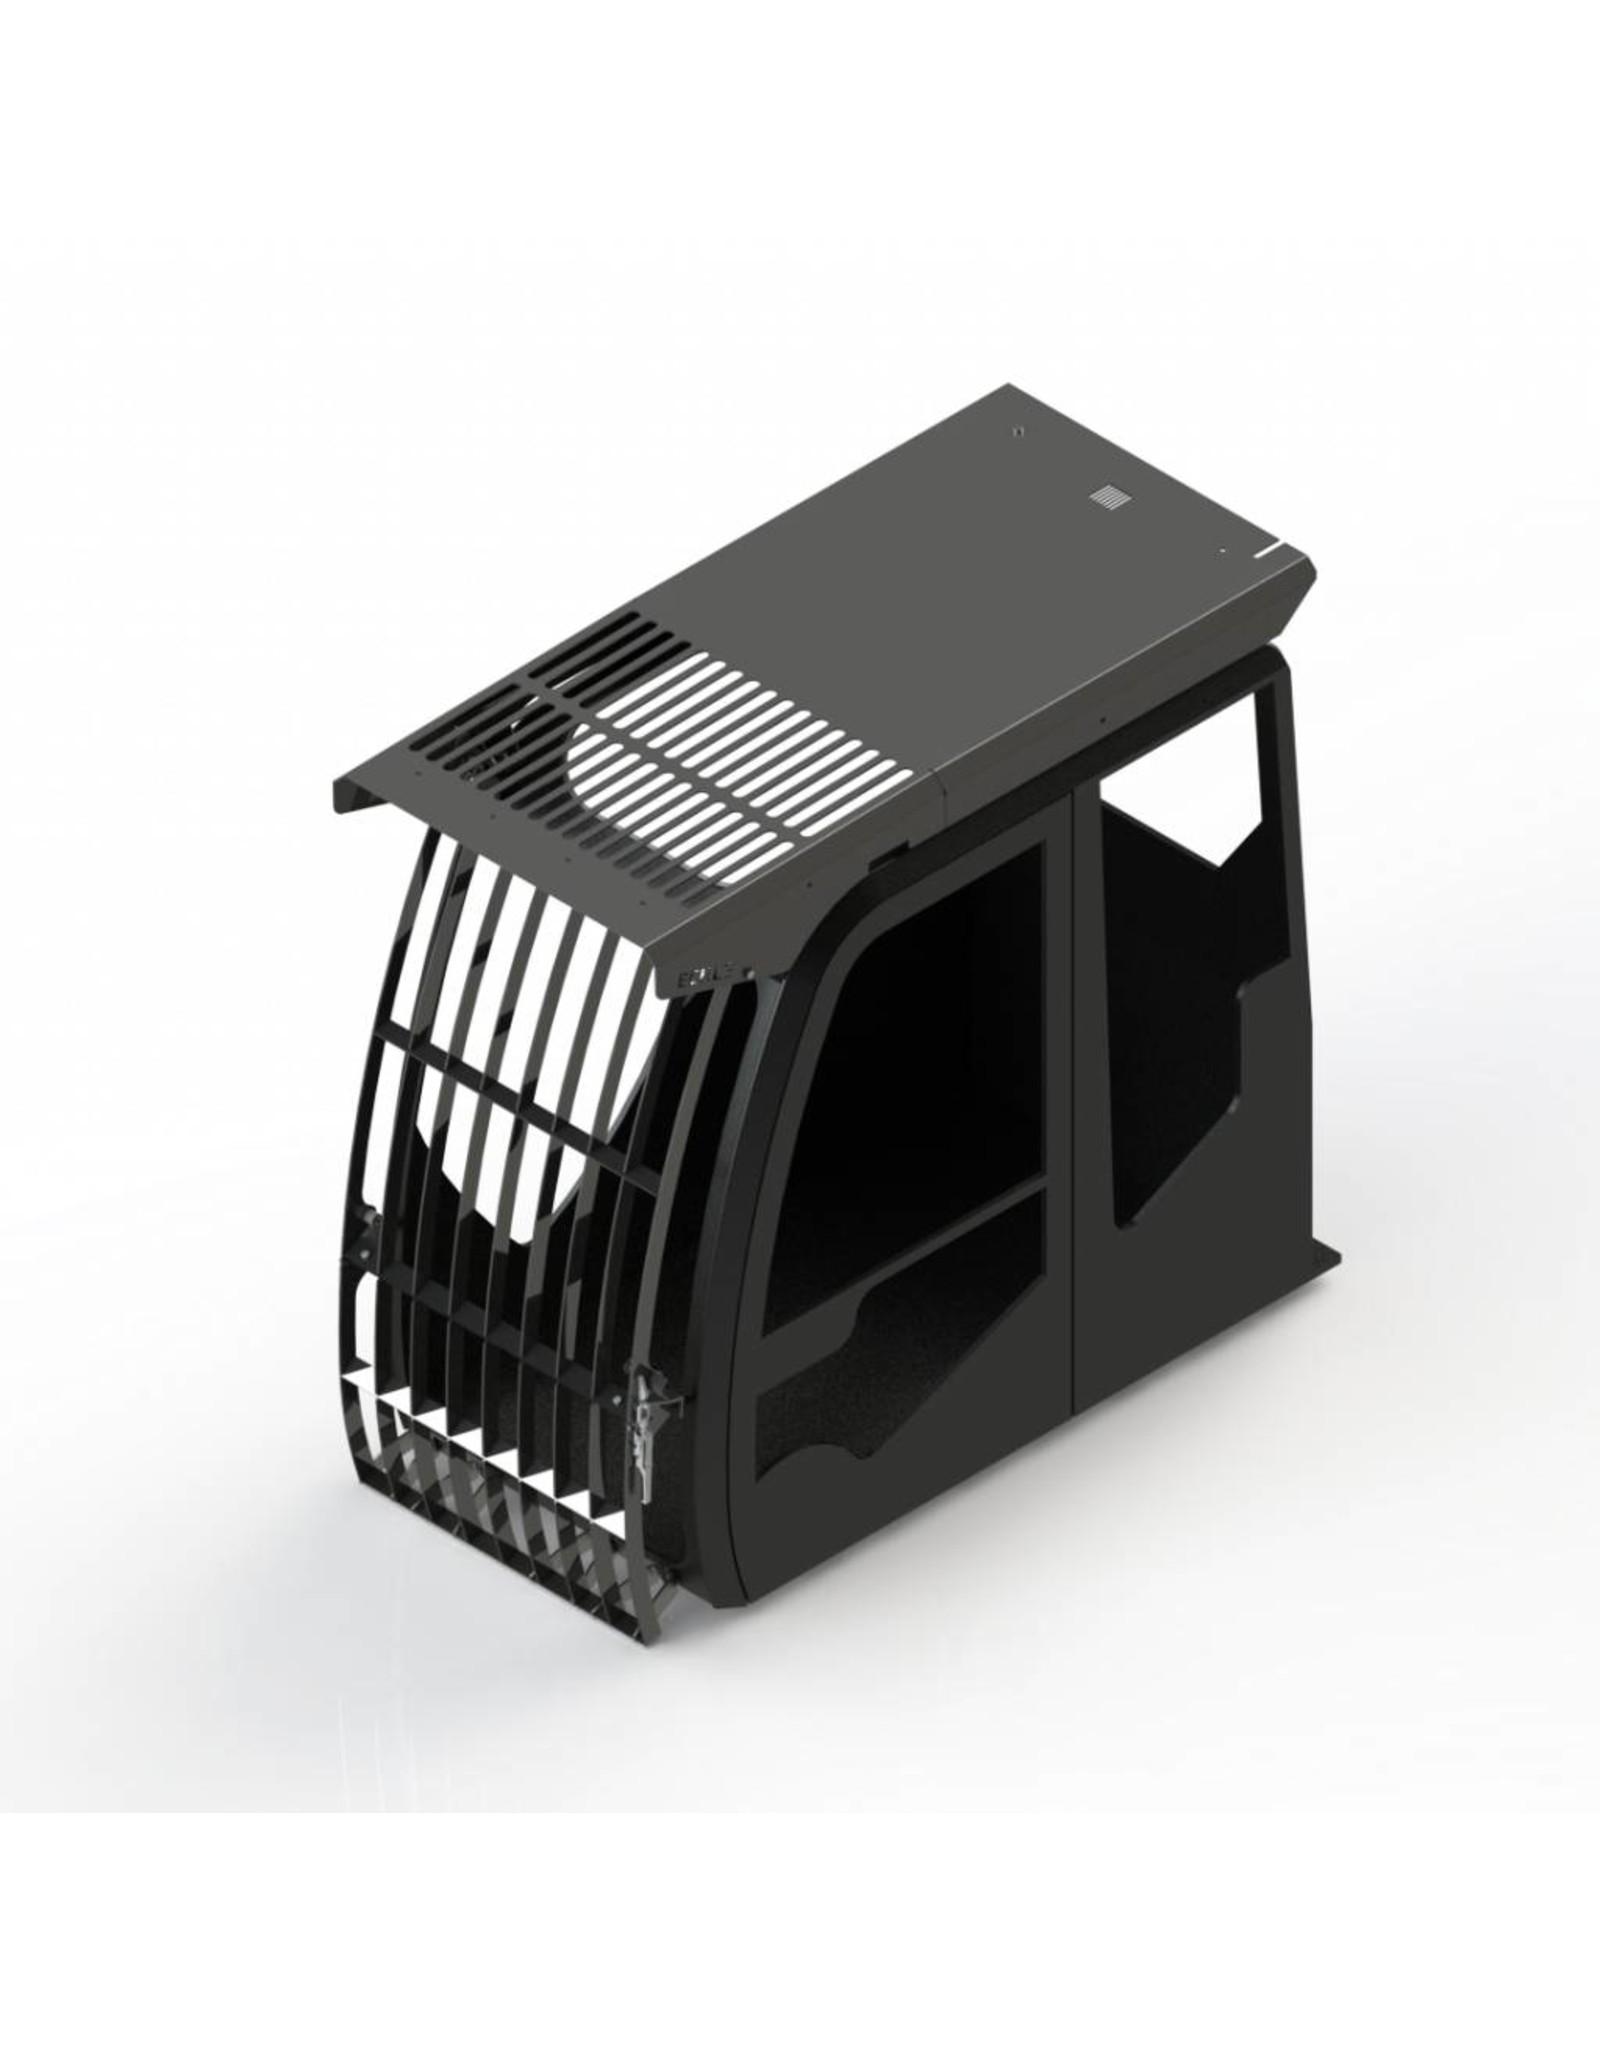 Echle Hartstahl GmbH FOPS für Liebherr A 910 Compact